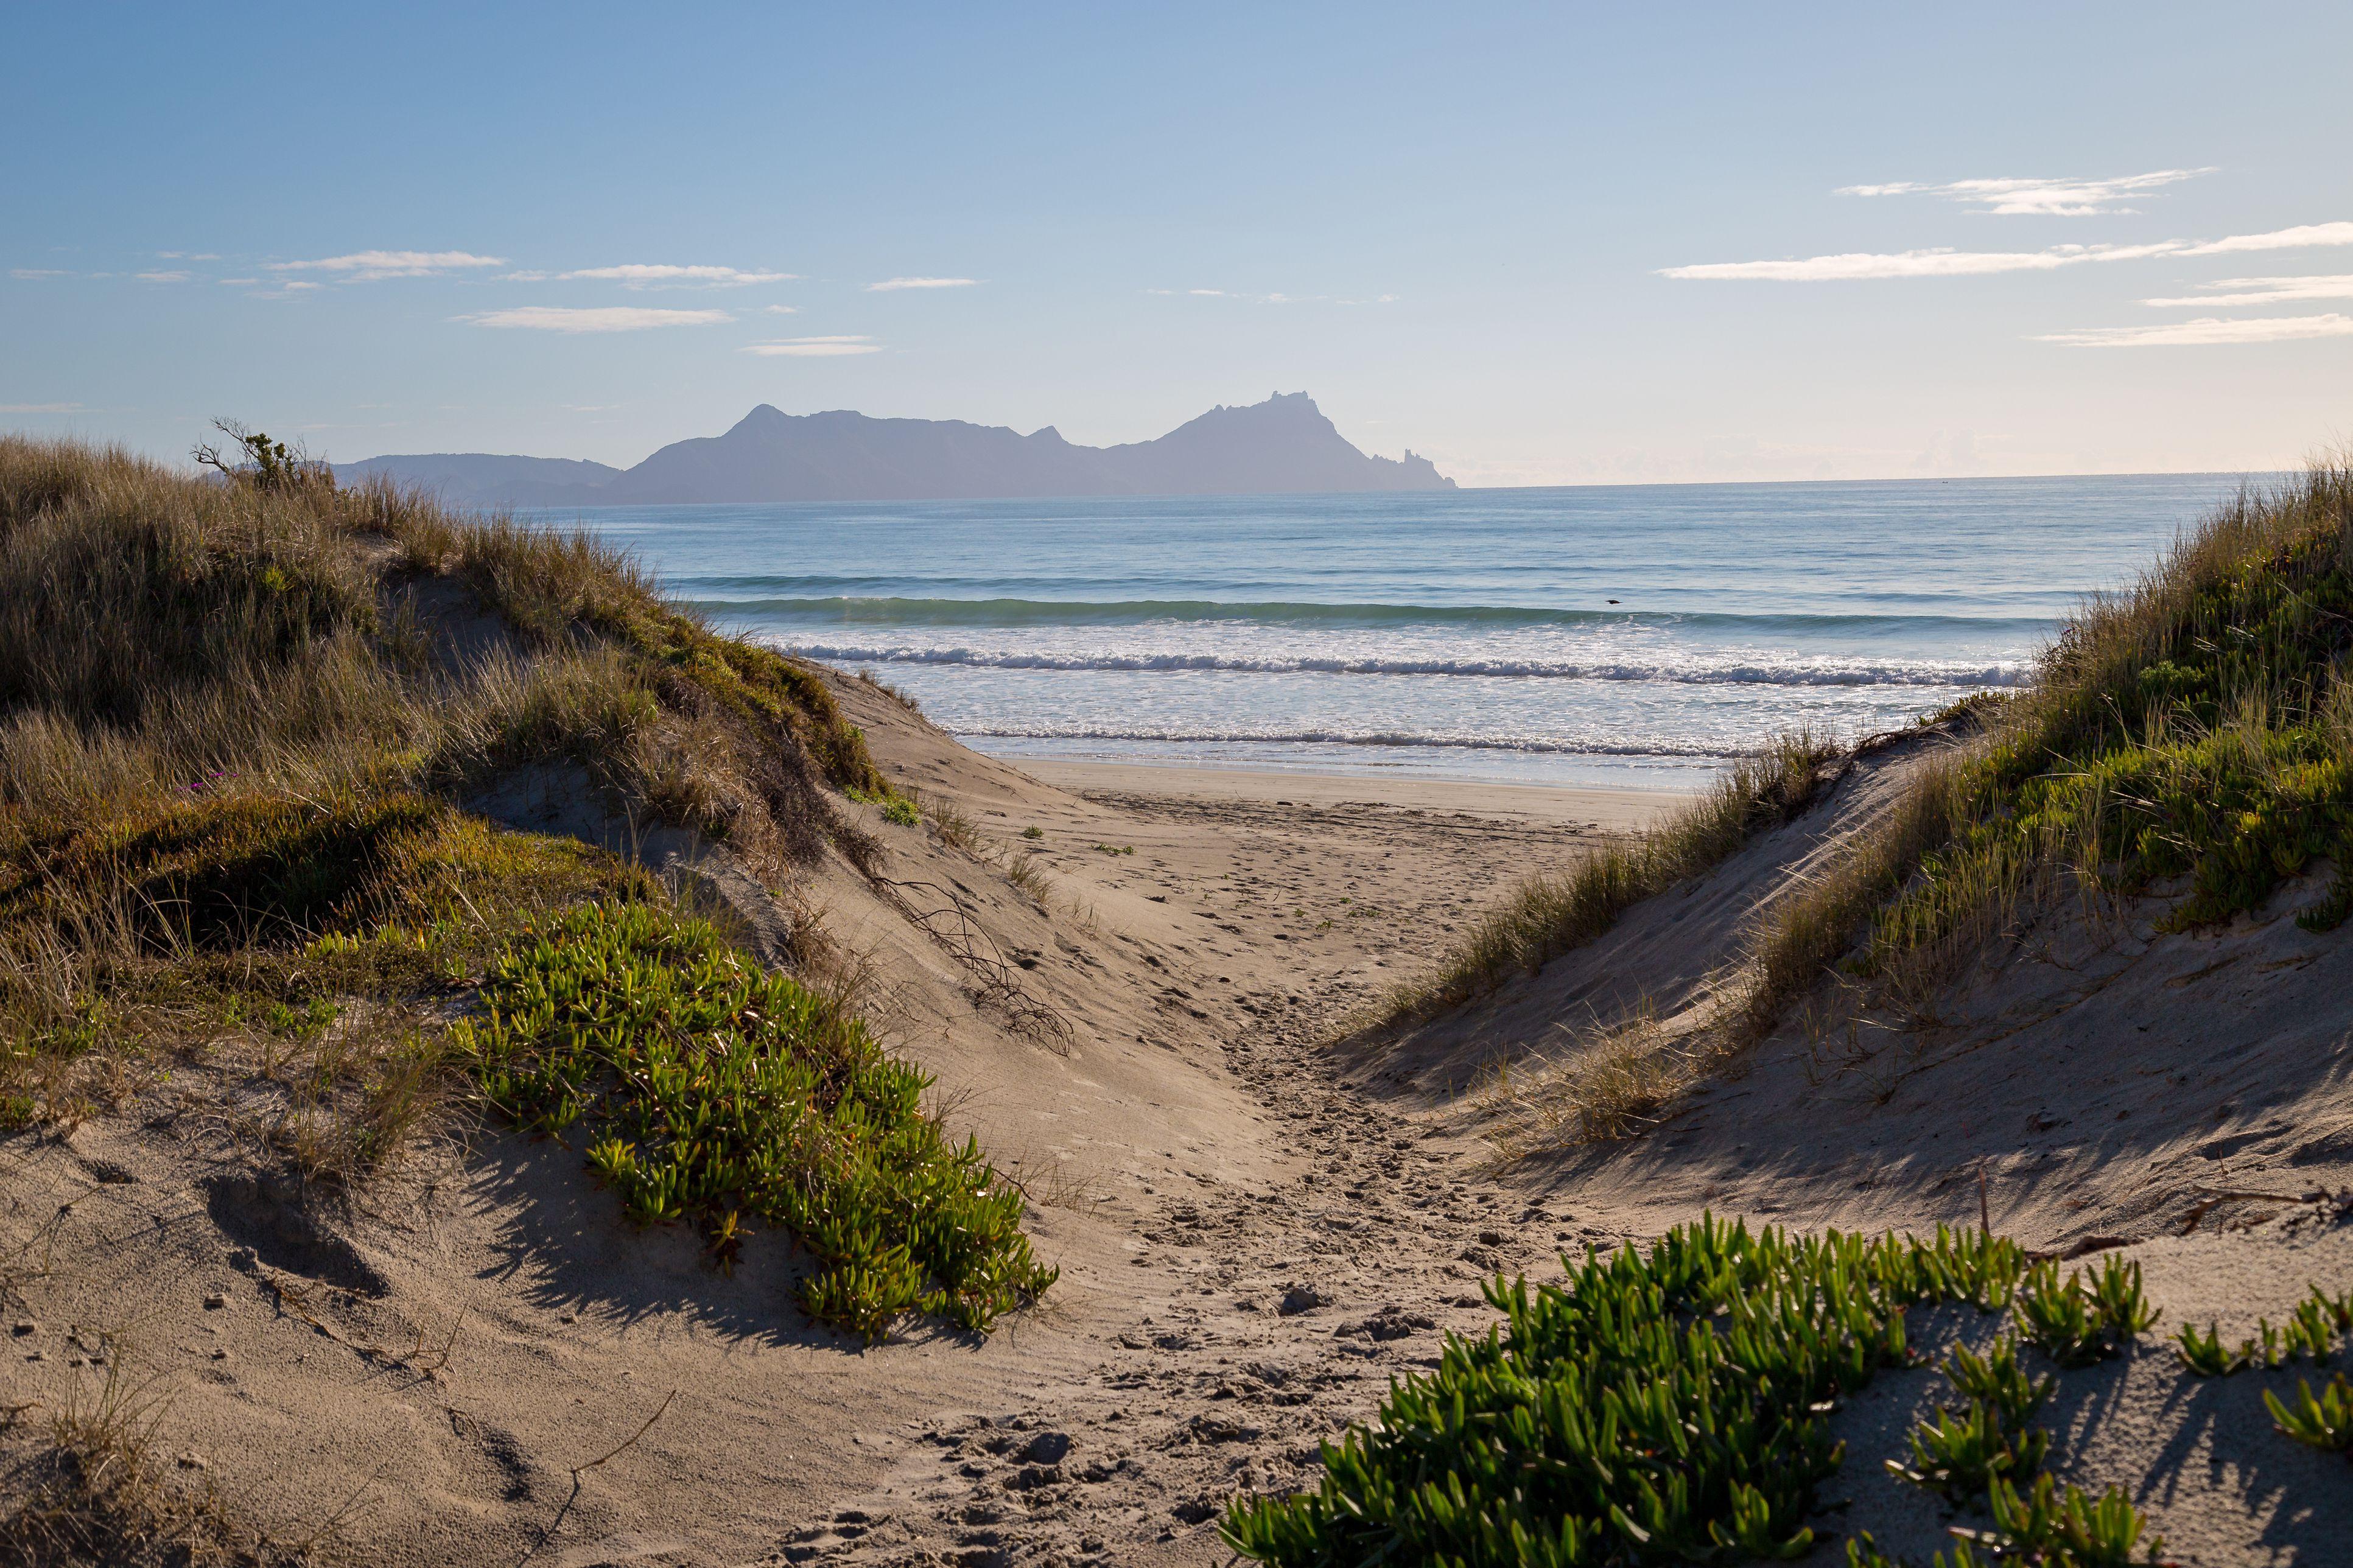 Uretiti Beach in New Zealand